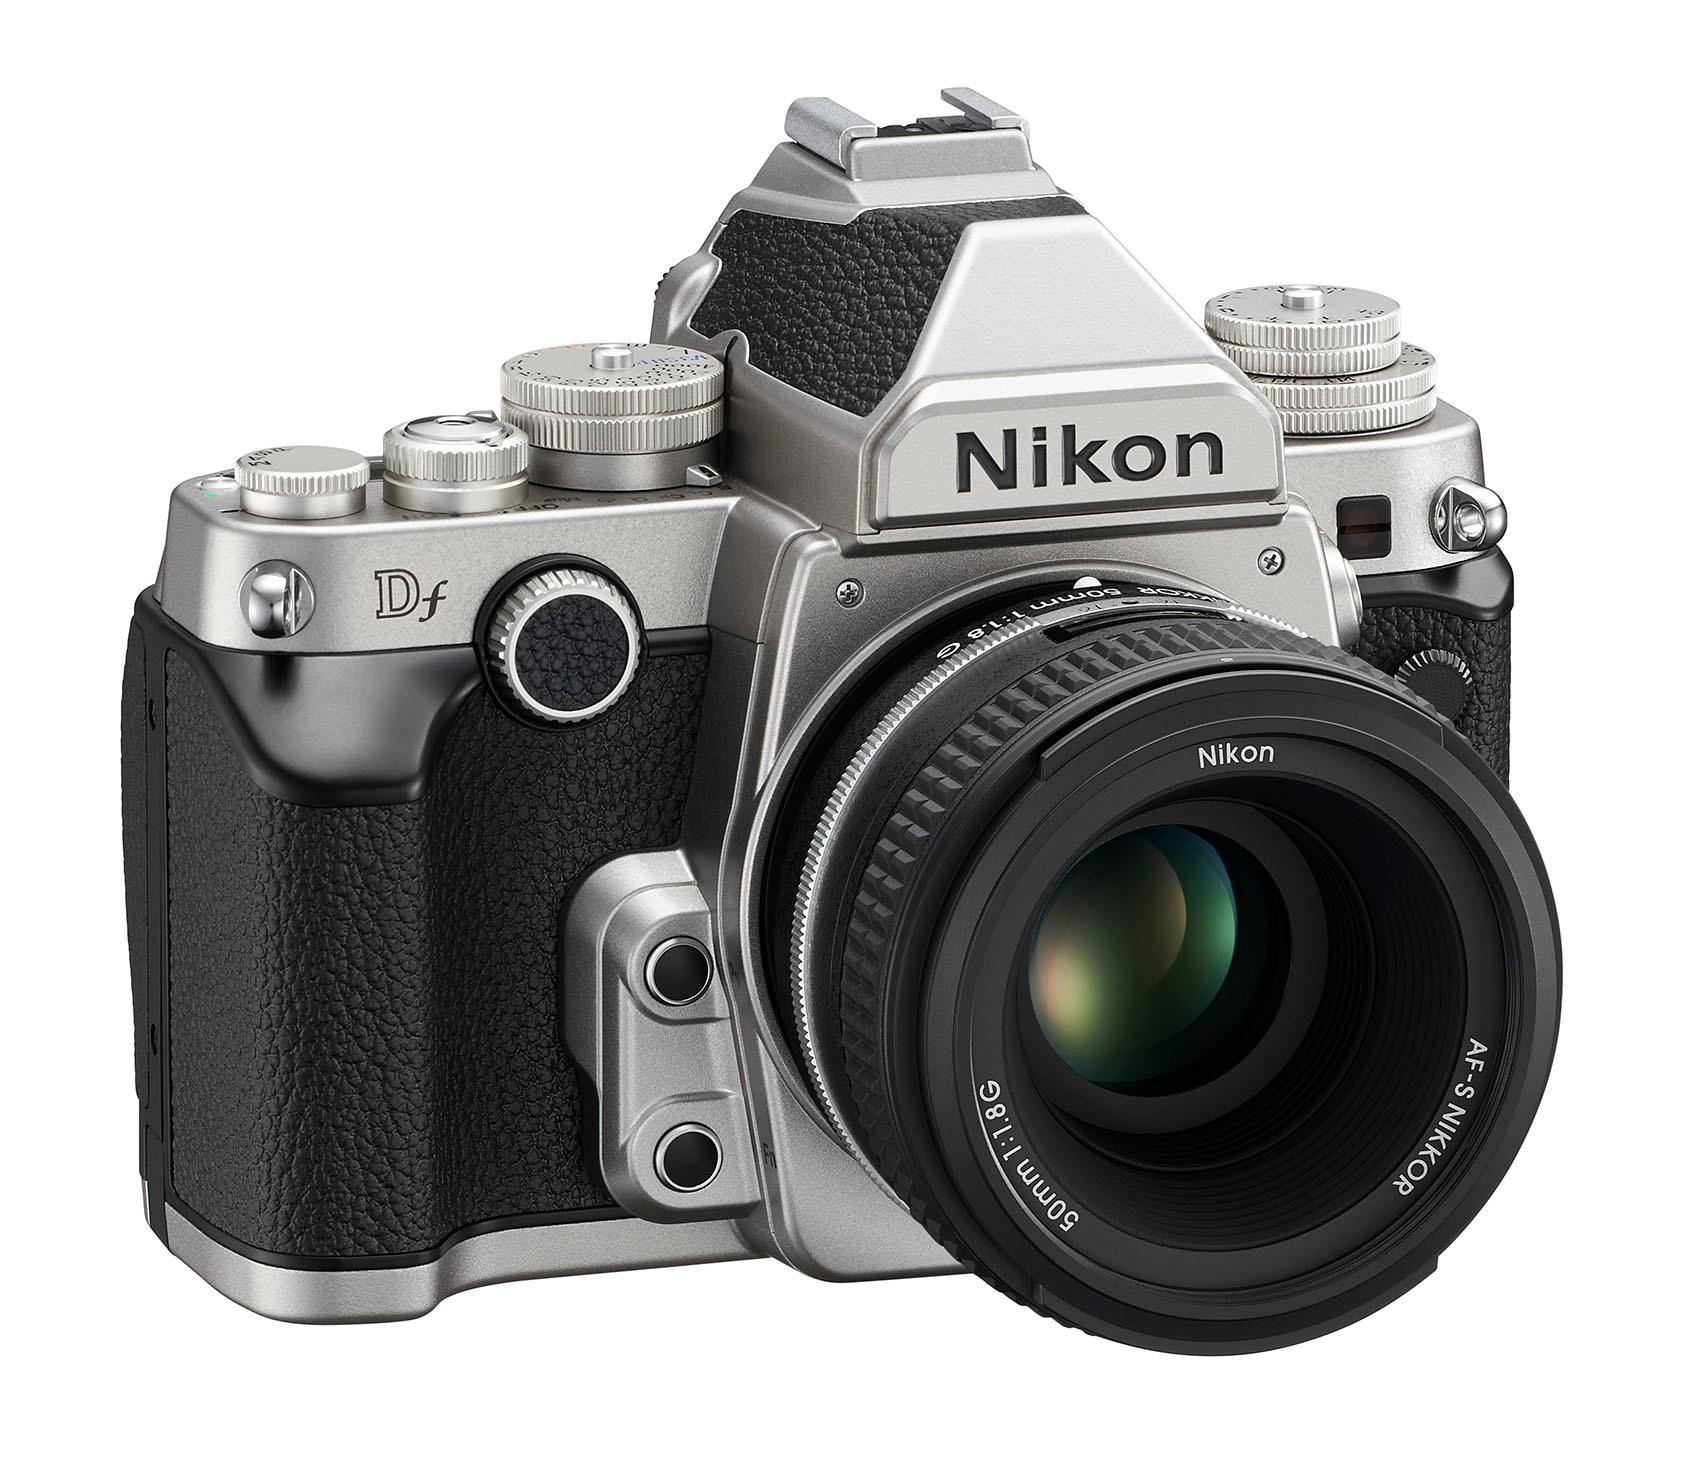 Nikon og deres nye Df-modell sliter.Foto: Nikon